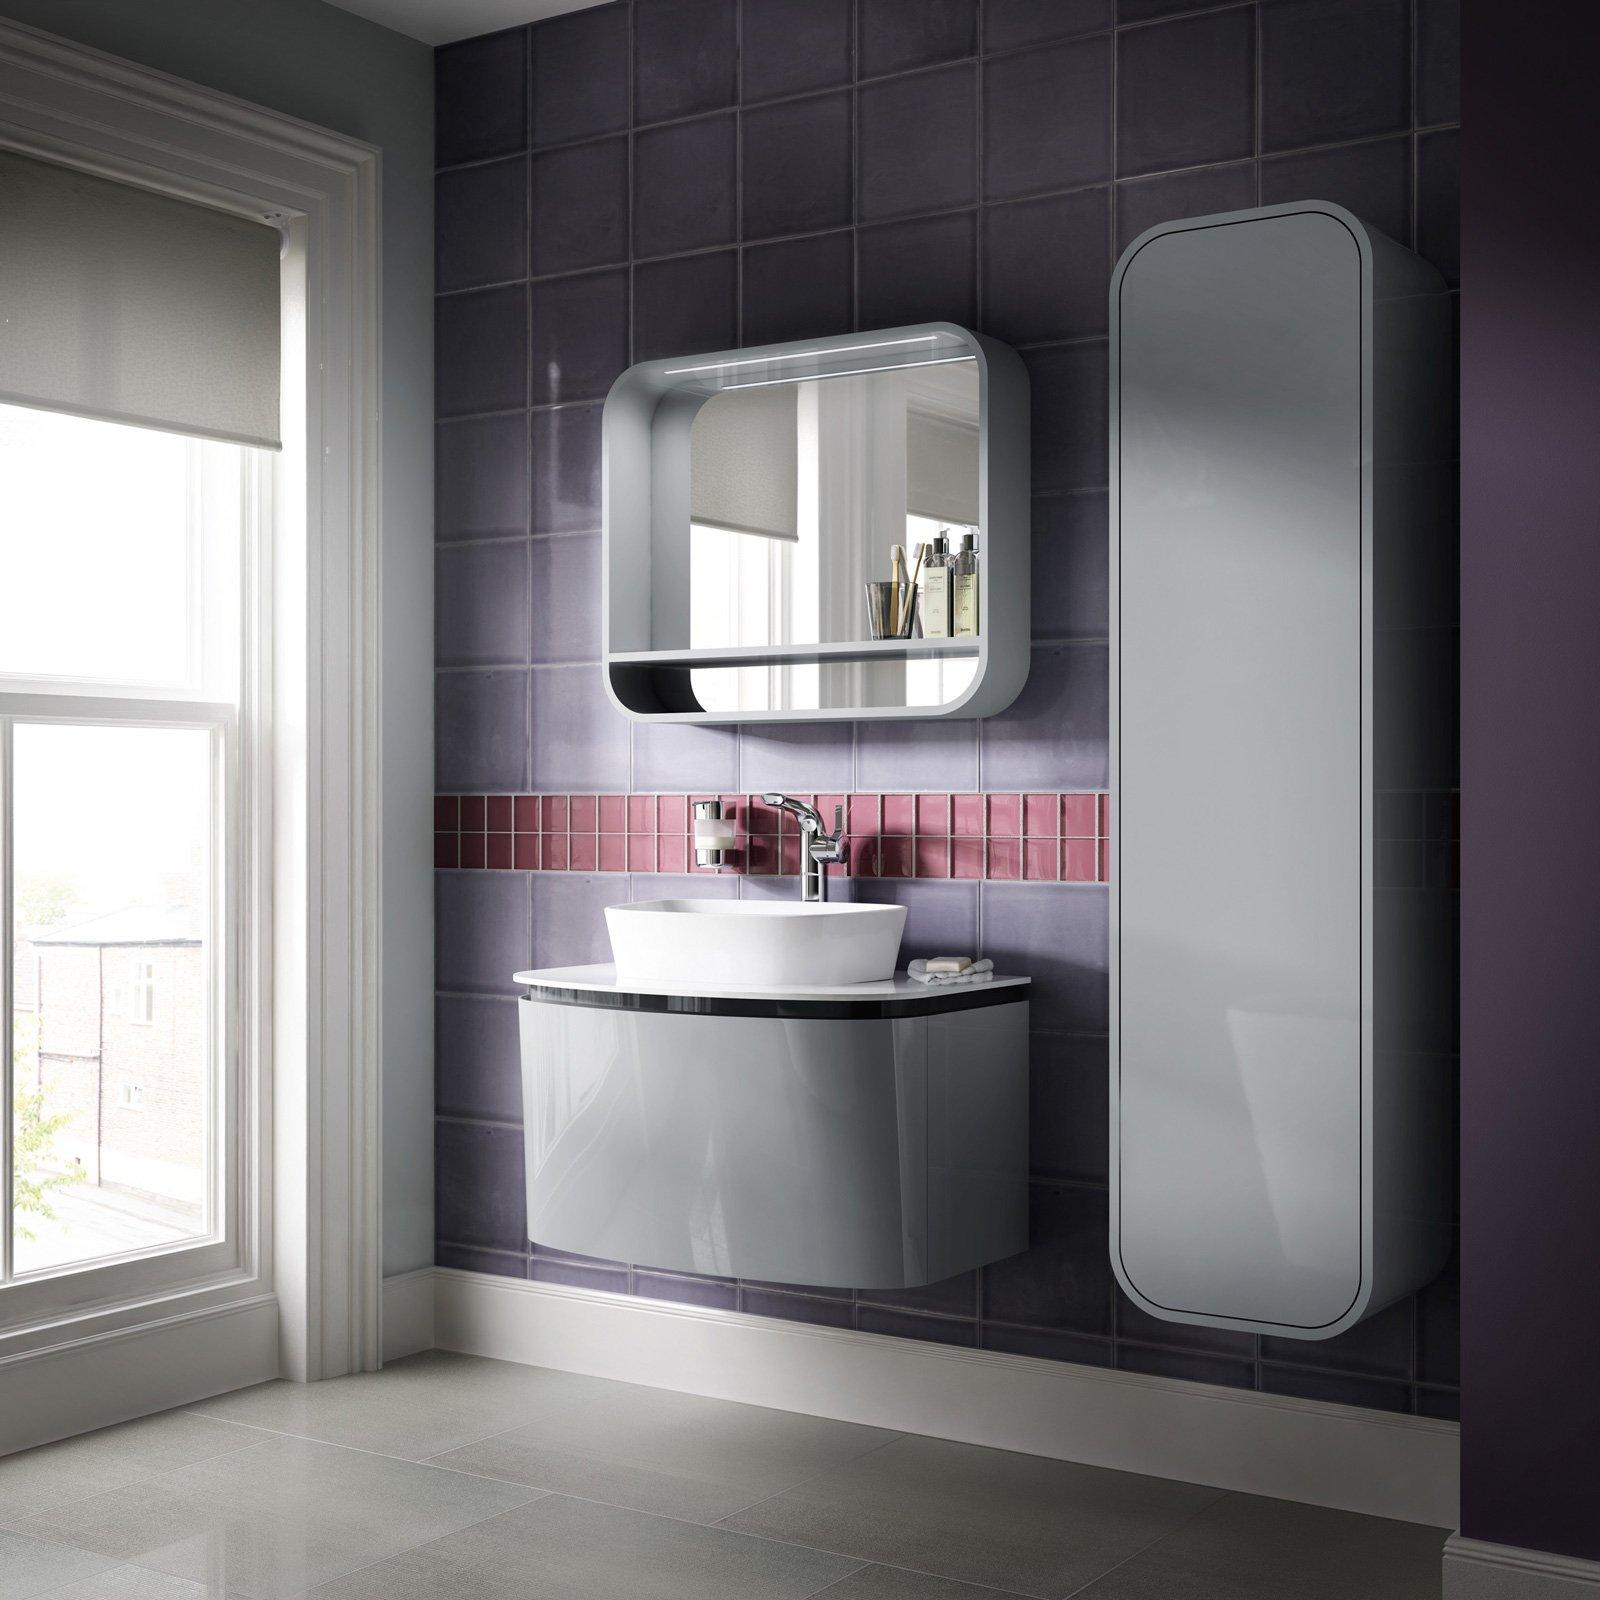 Specchi sopra il lavabo cose di casa for Mensola bianca lucida